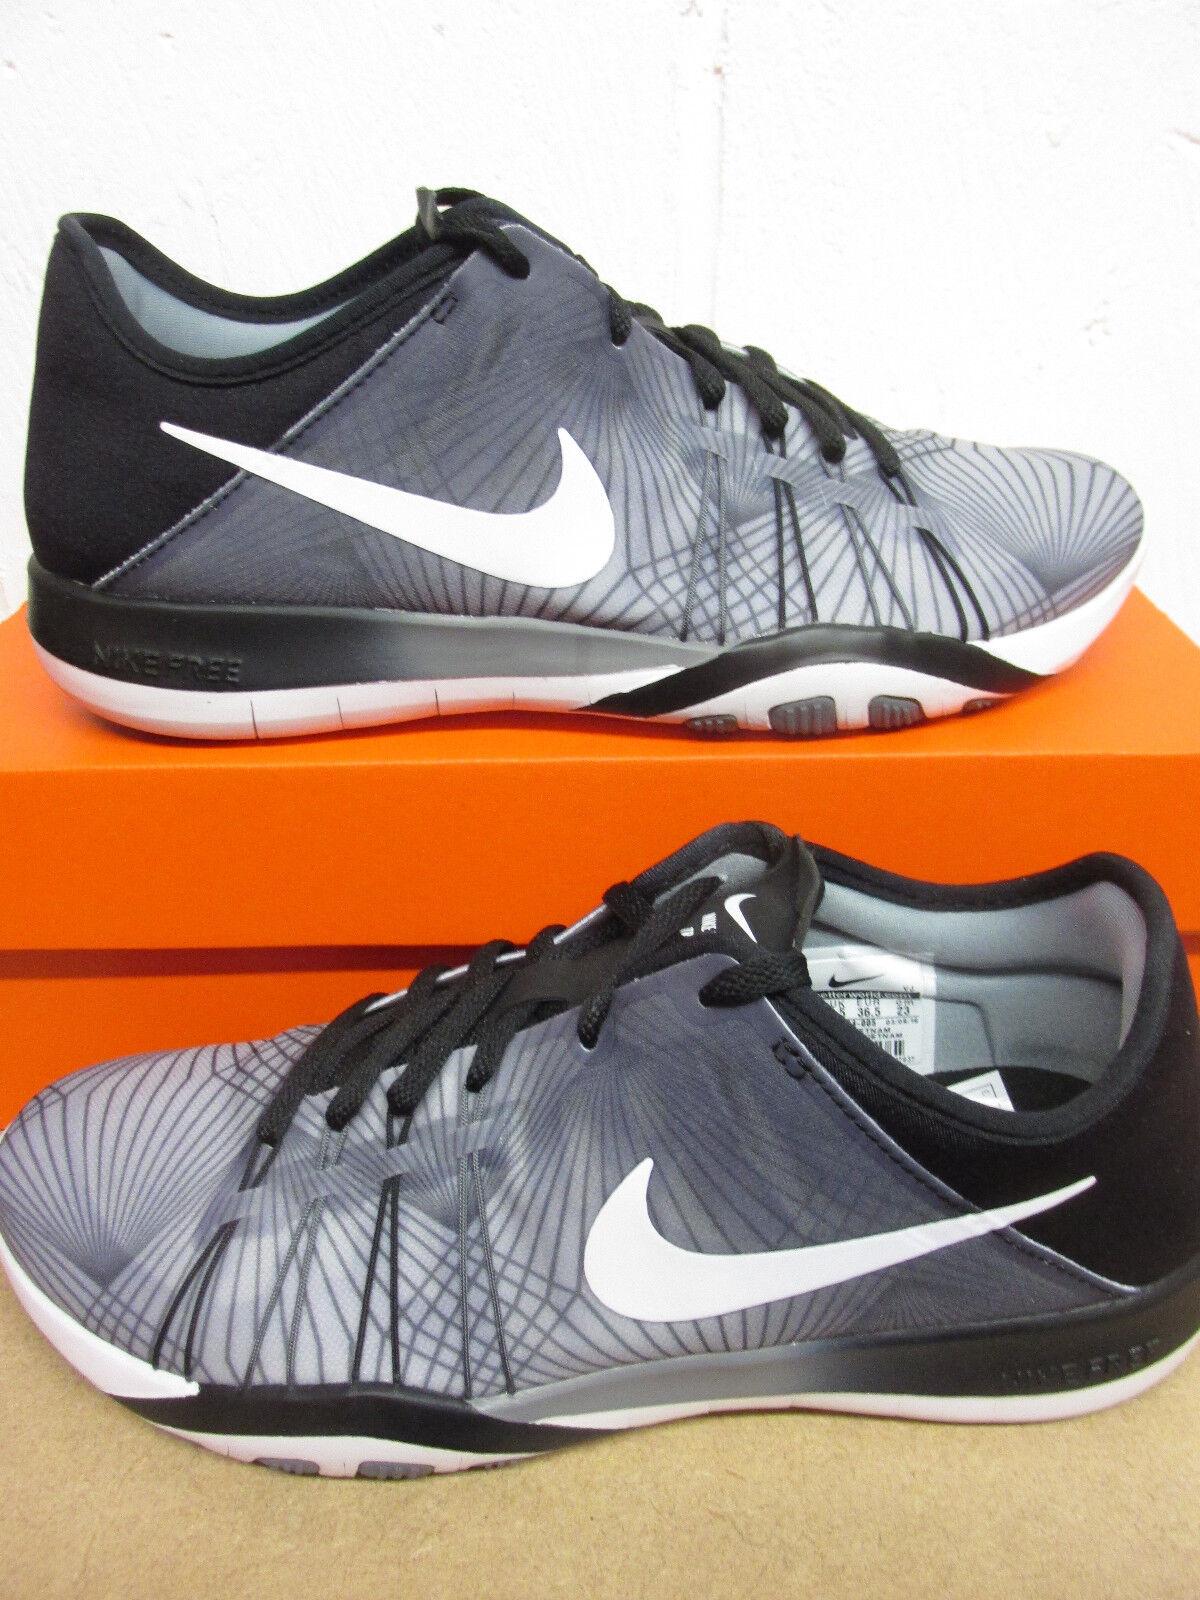 Nike Femmes Gratuit Tr 6 Prt Basket Course 833424 005 Baskets